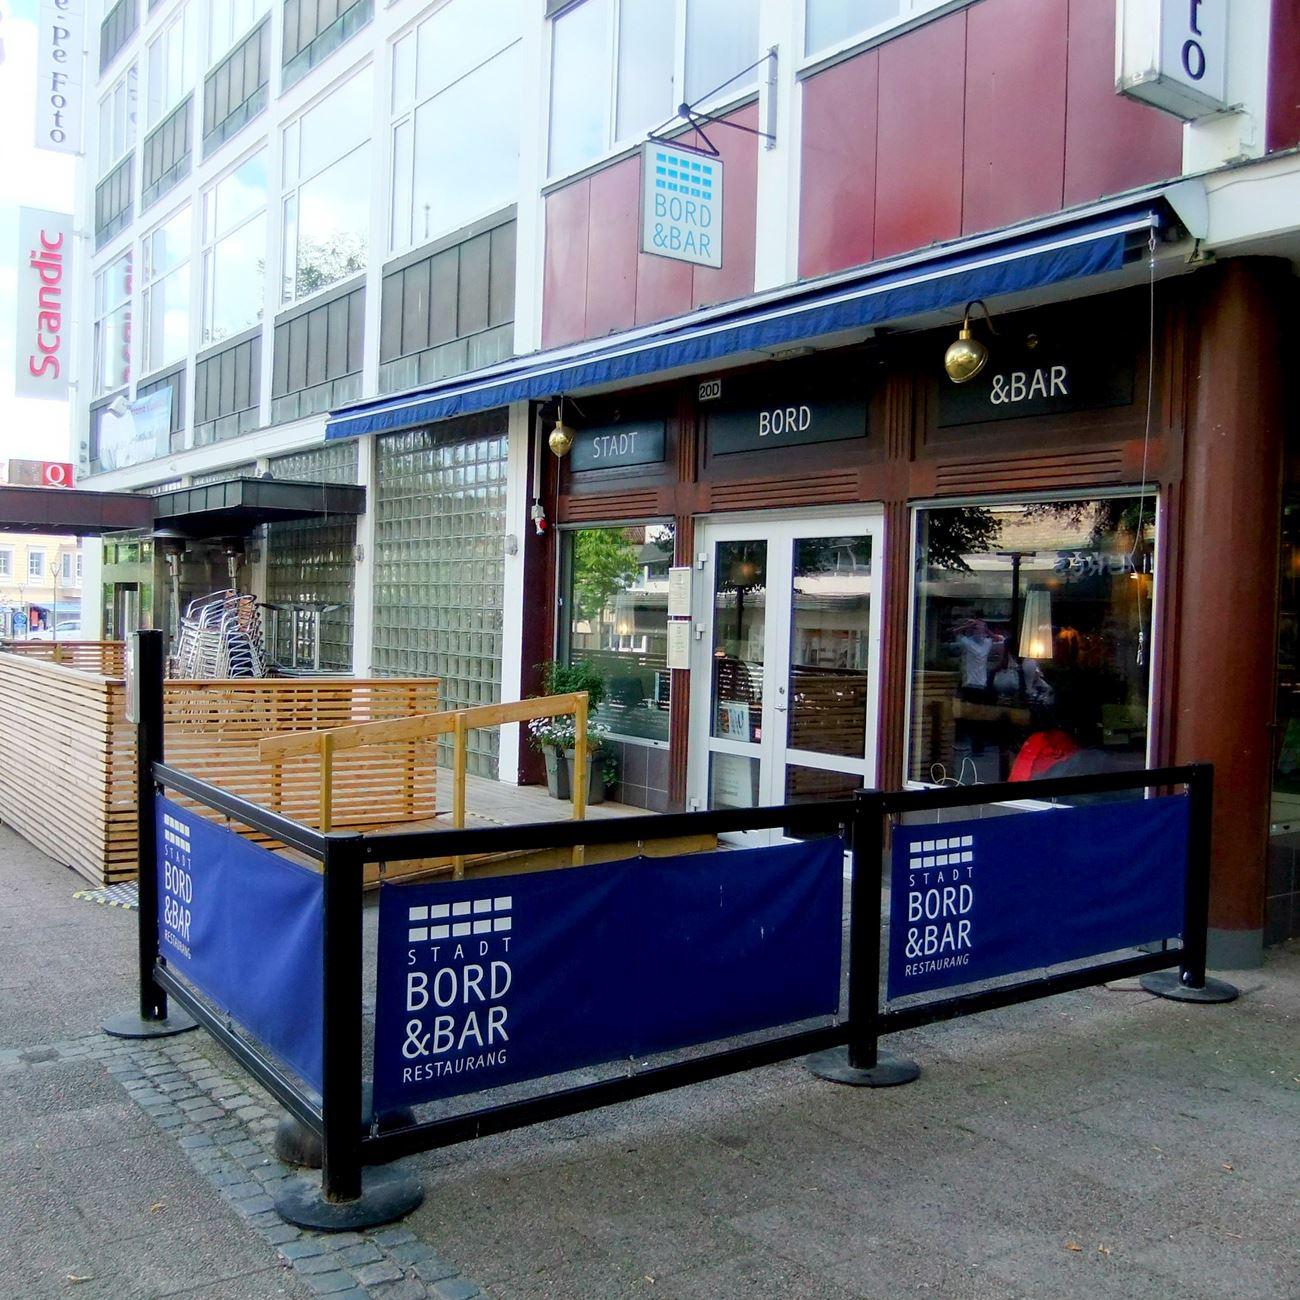 Foto: Maria Grahn,  © Värnamo Näringsliv AB , Uteservering hos Stadt Bord & Bar